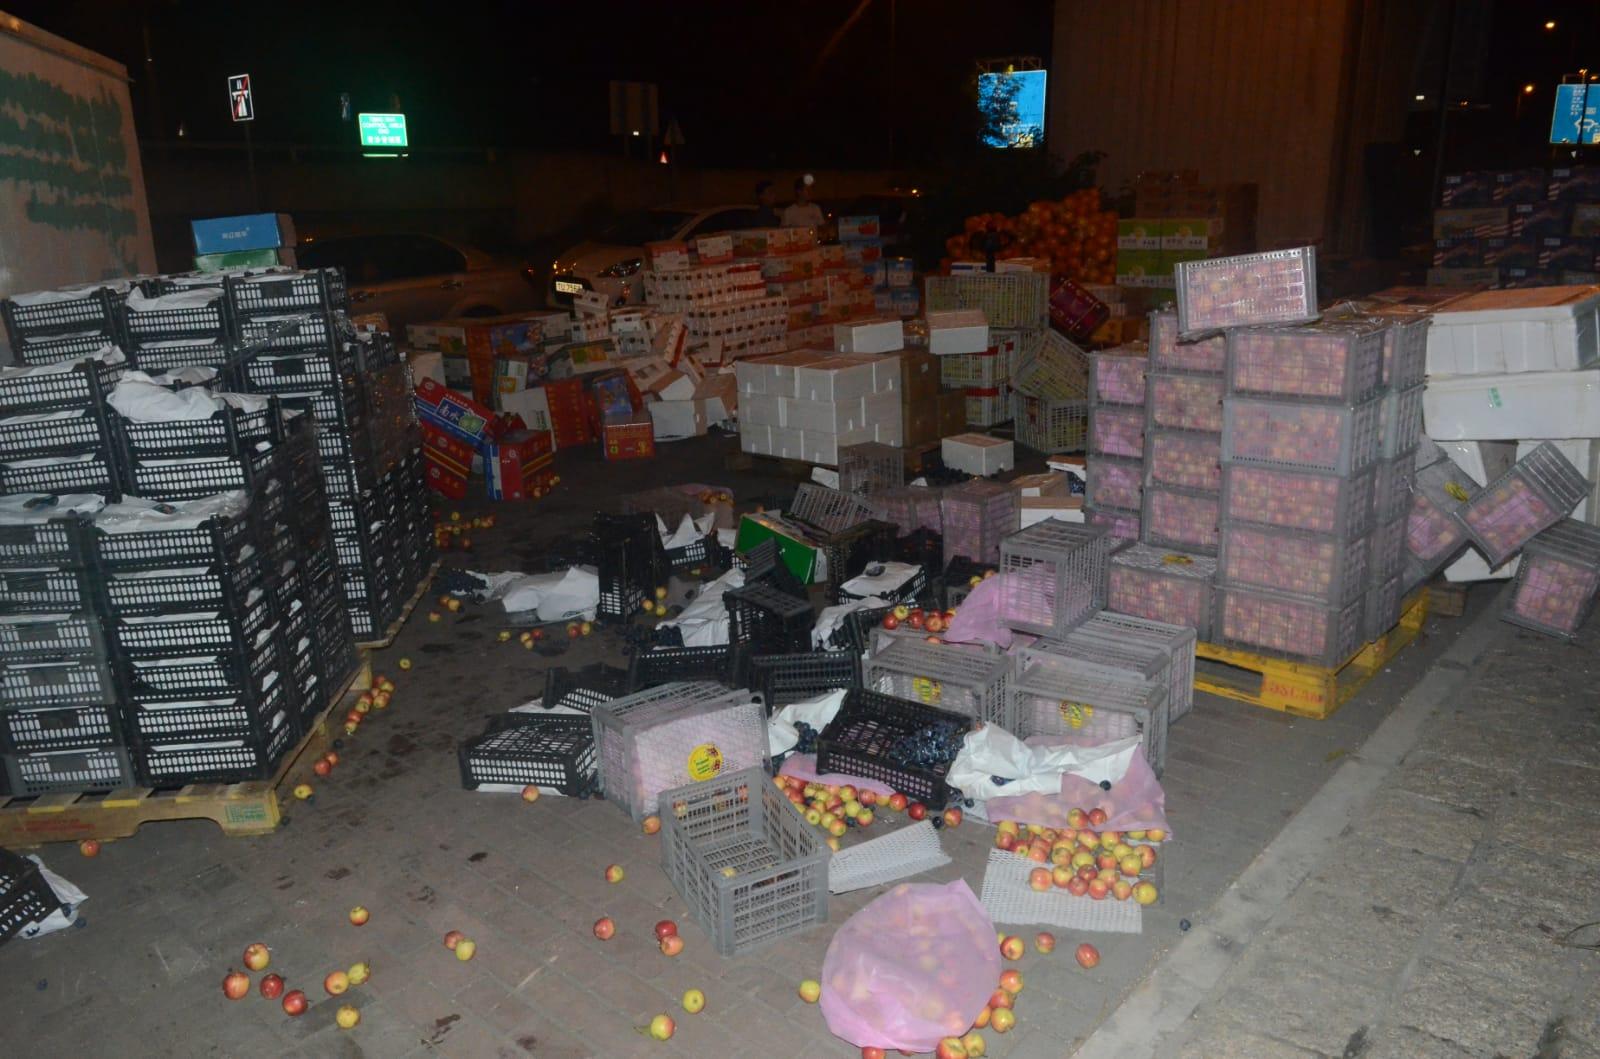 多箱生果被沾污,損失逾萬元。蔡楚輝攝